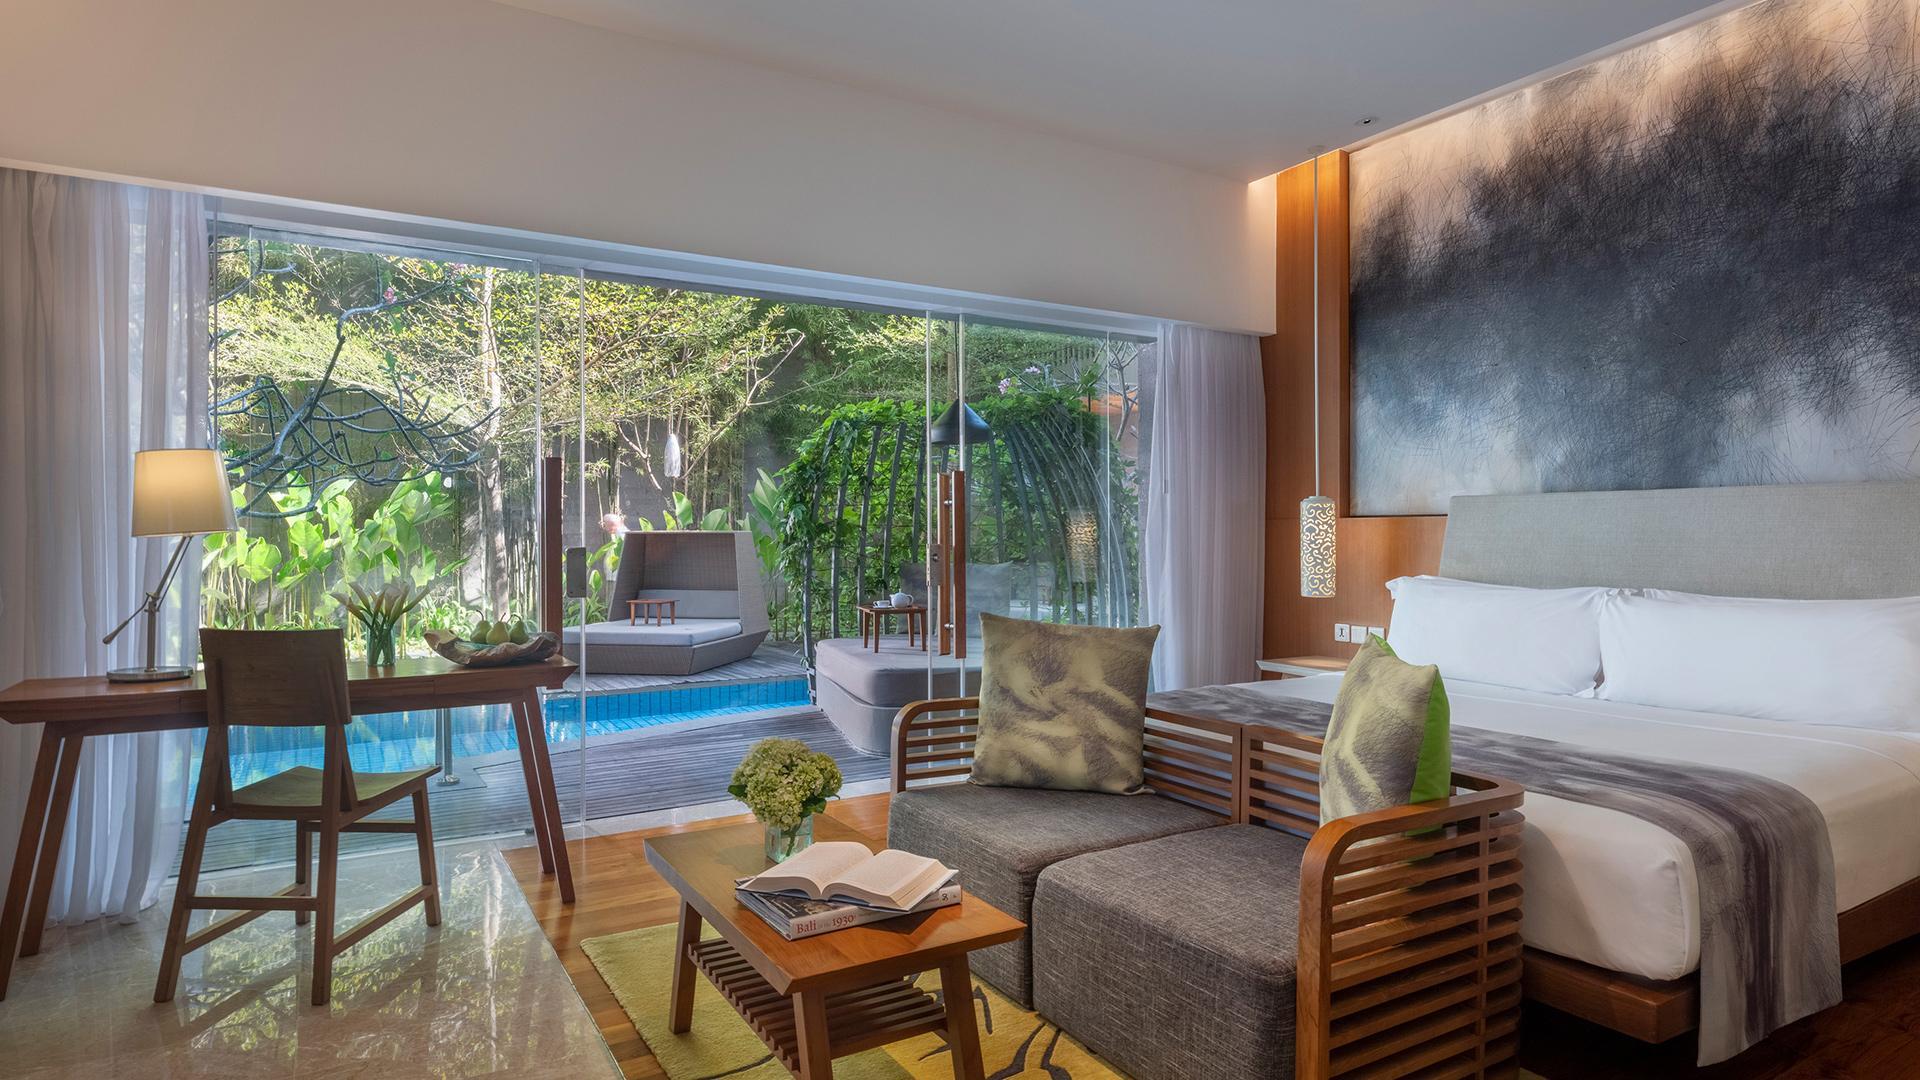 Impressive Lagoon Pool Suite image 1 at Maya Sanur Resort & Spa by Kota Denpasar, Bali, Indonesia